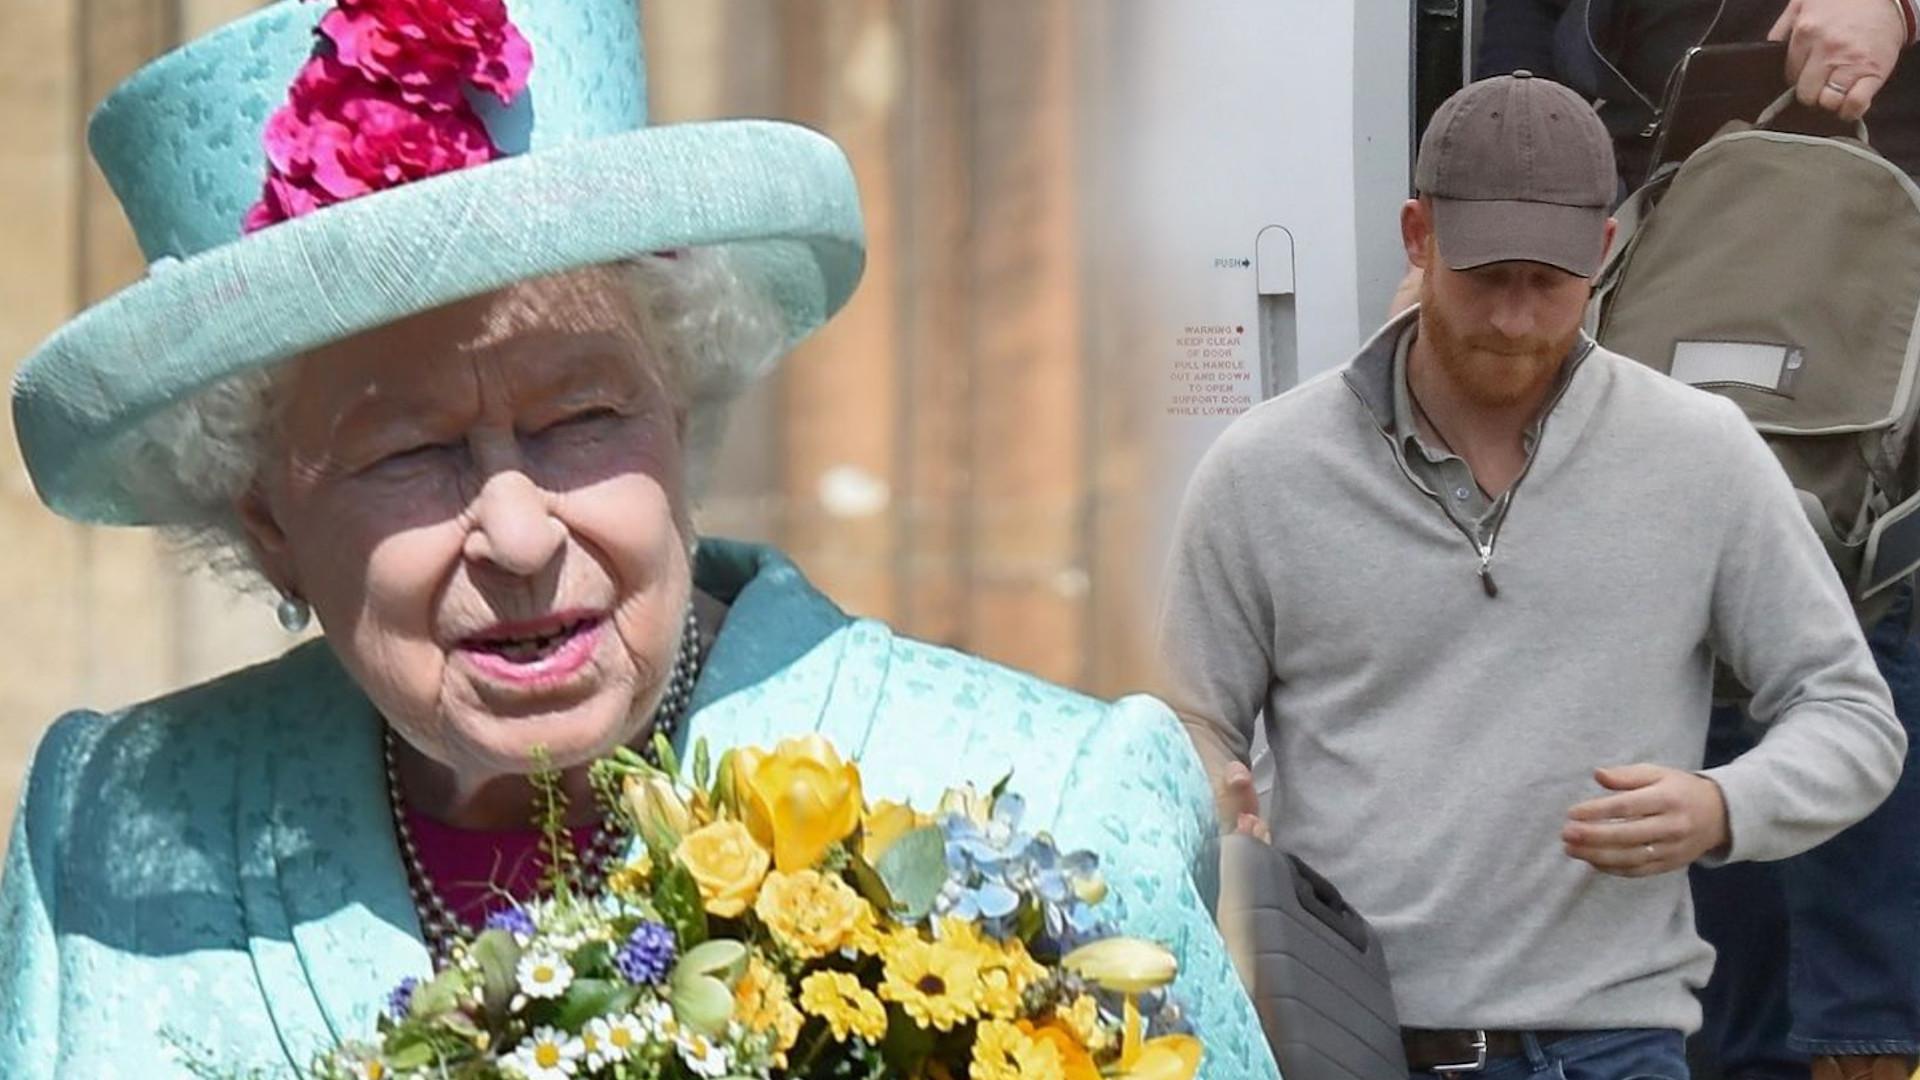 Królowa Elżbieta odbyła CZTEROGODZINNĄ rozmowę z księciem Harrym. Podjęli zaskakującą decyzję